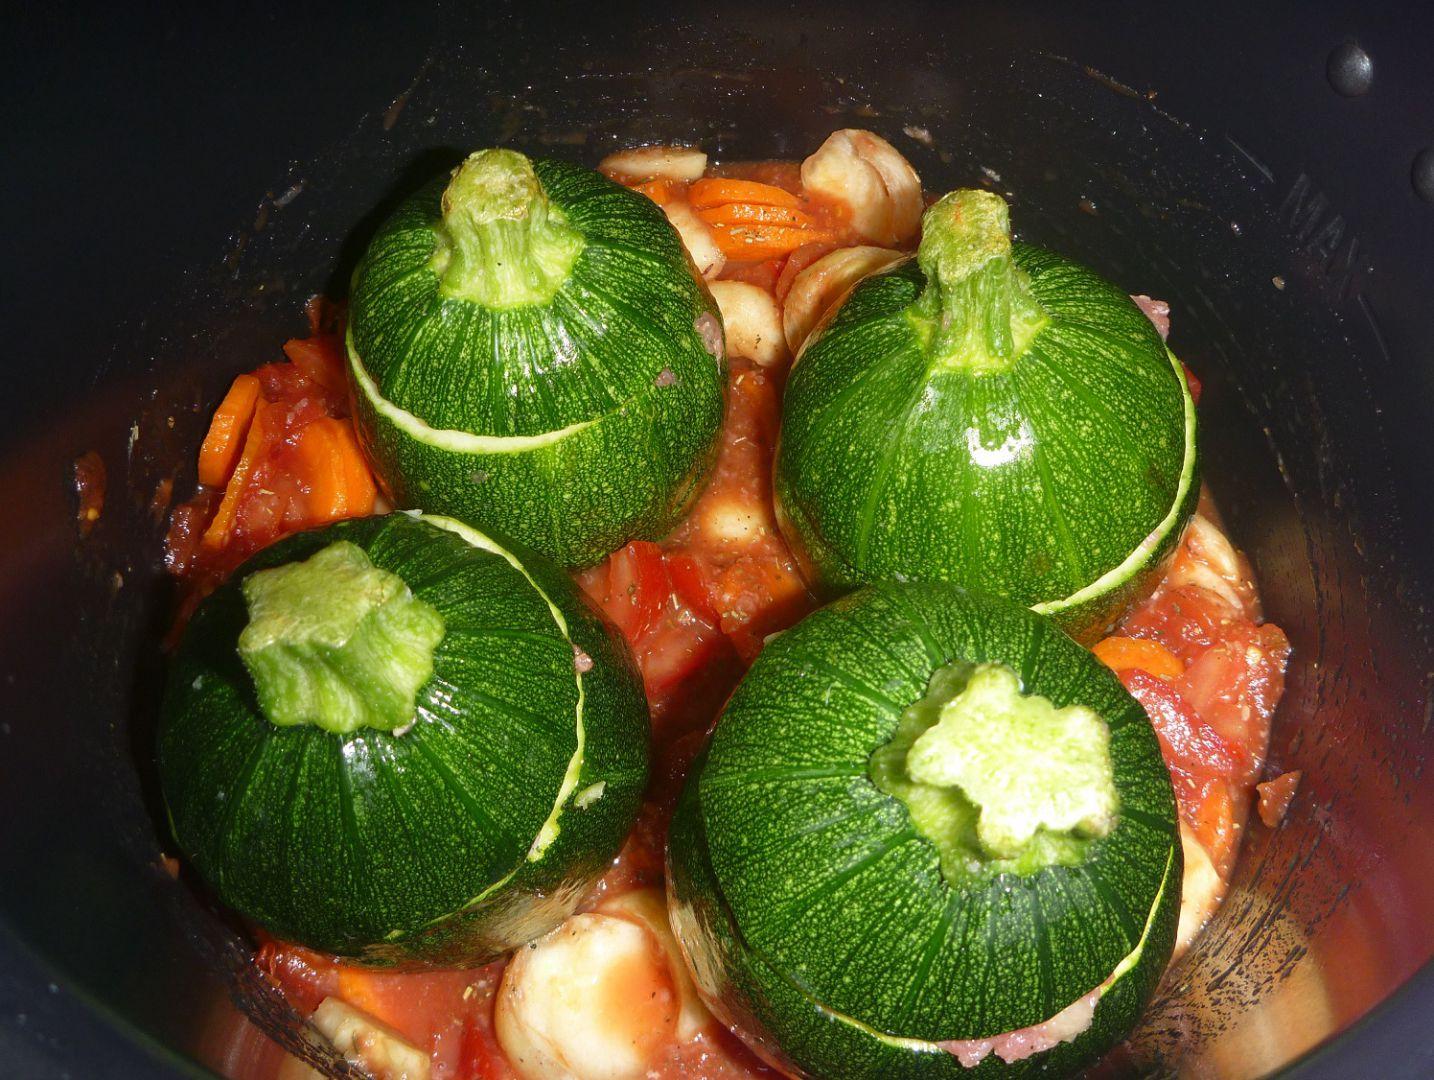 Recette COOKEO - Courgettes farcies sauce légumes - 7 pp (6 SP) sur on